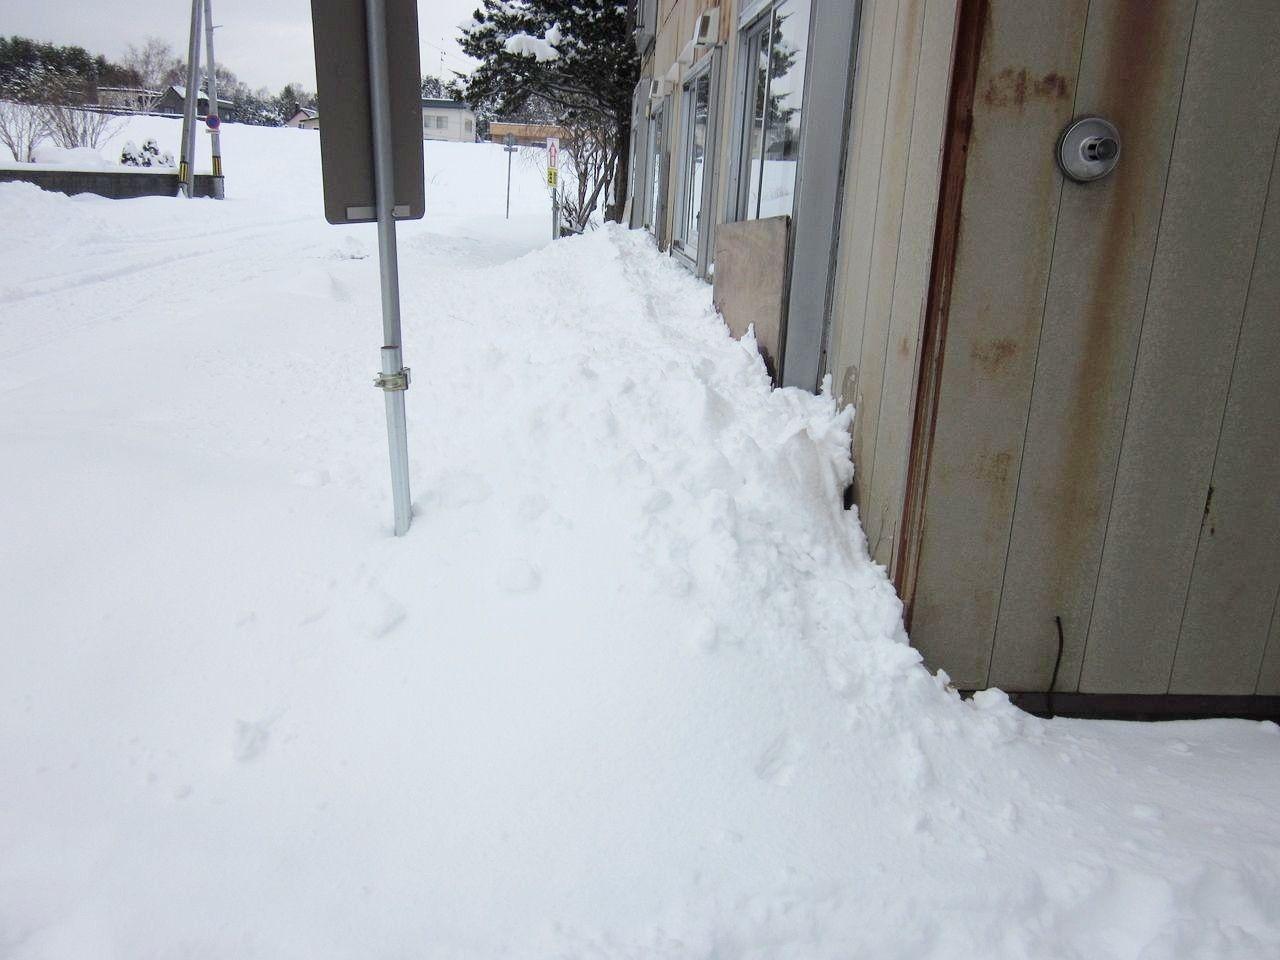 管理物件の除排雪作業を適宜行っています。